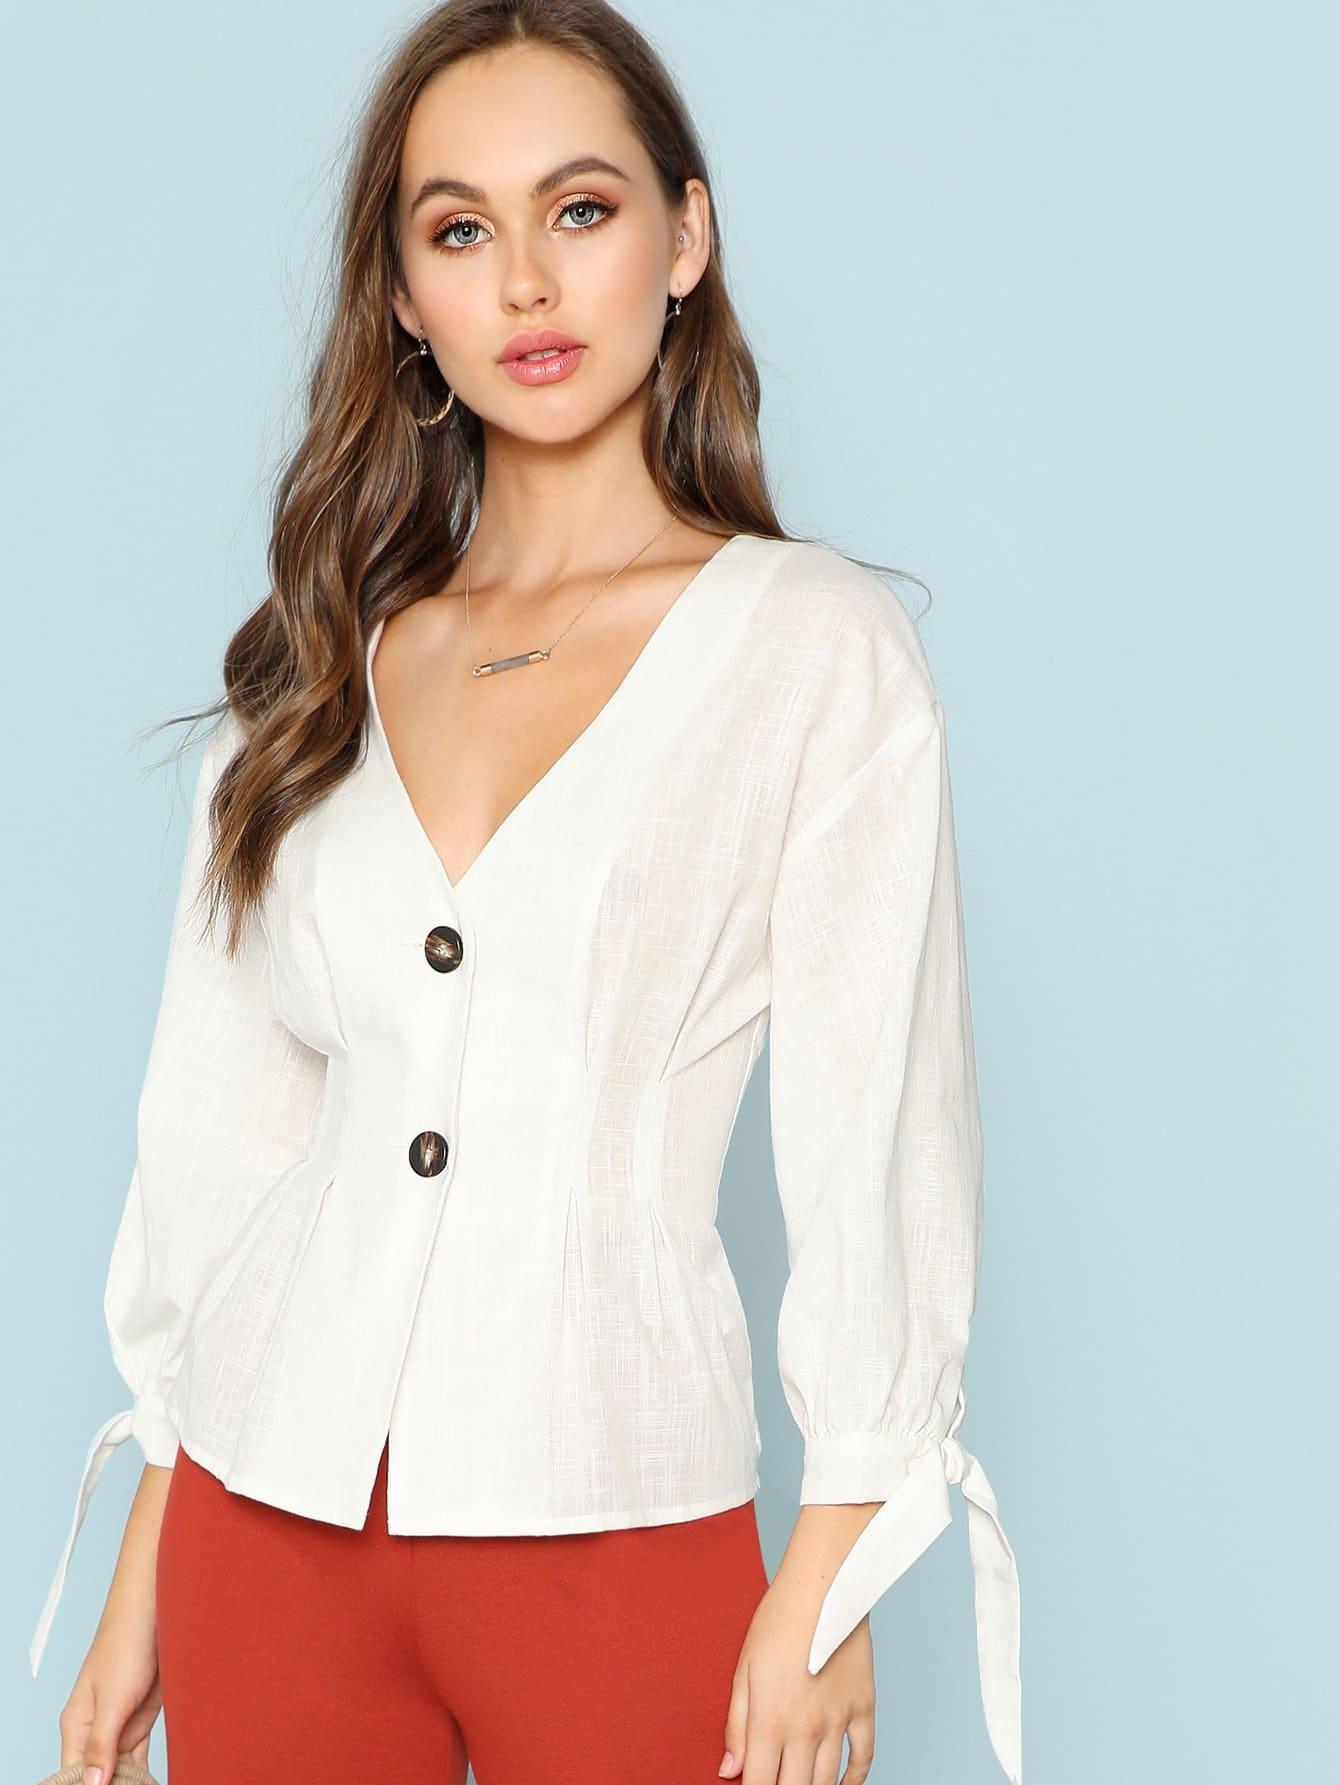 Купить Рубашка с кнопочной манжетой, Lily Easton, SheIn